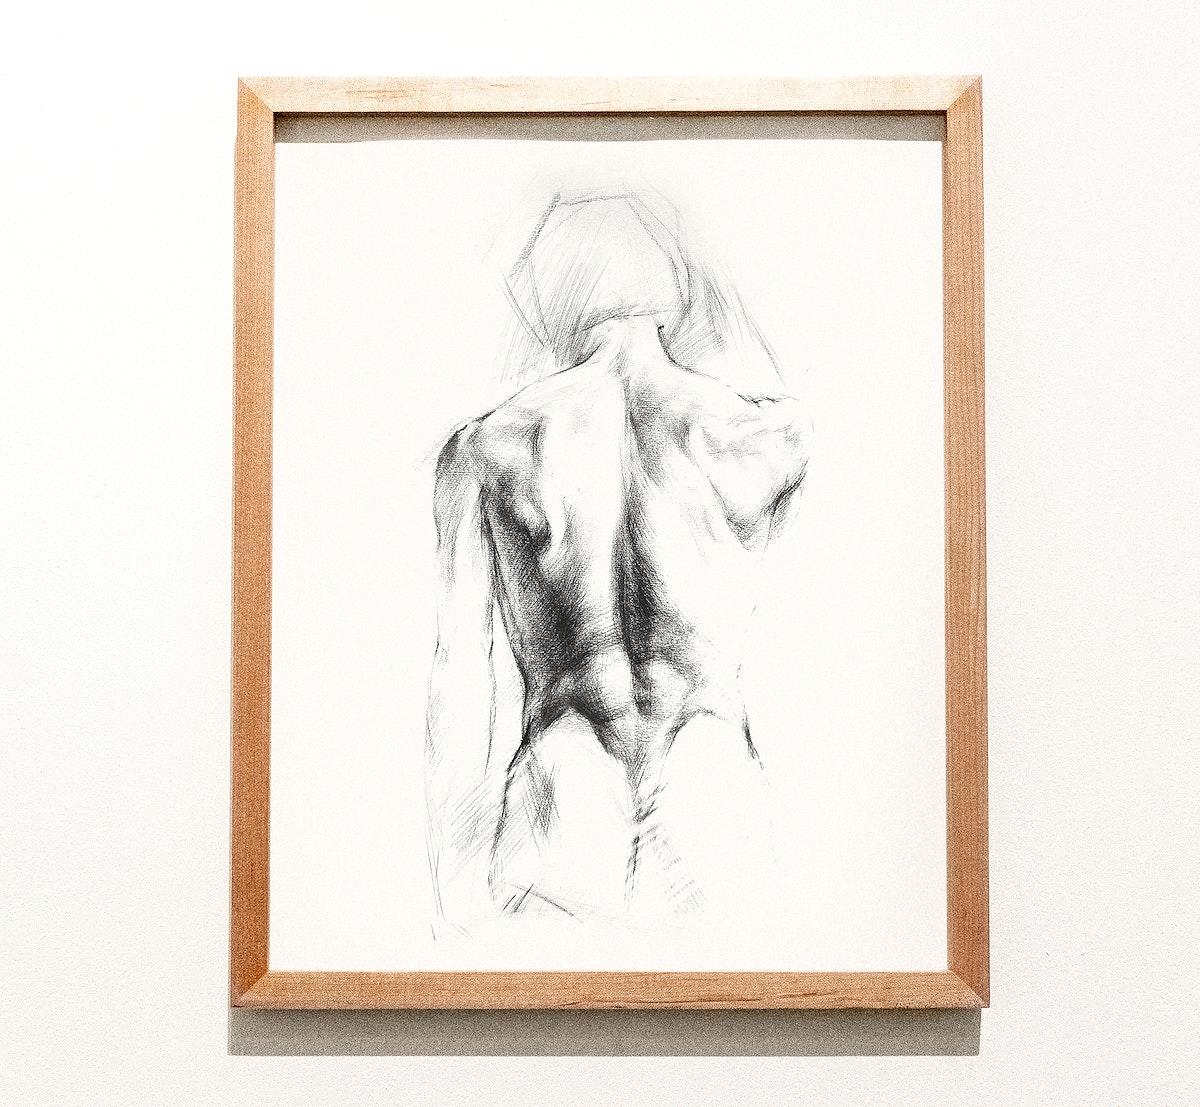 Framed sketch of a man's back